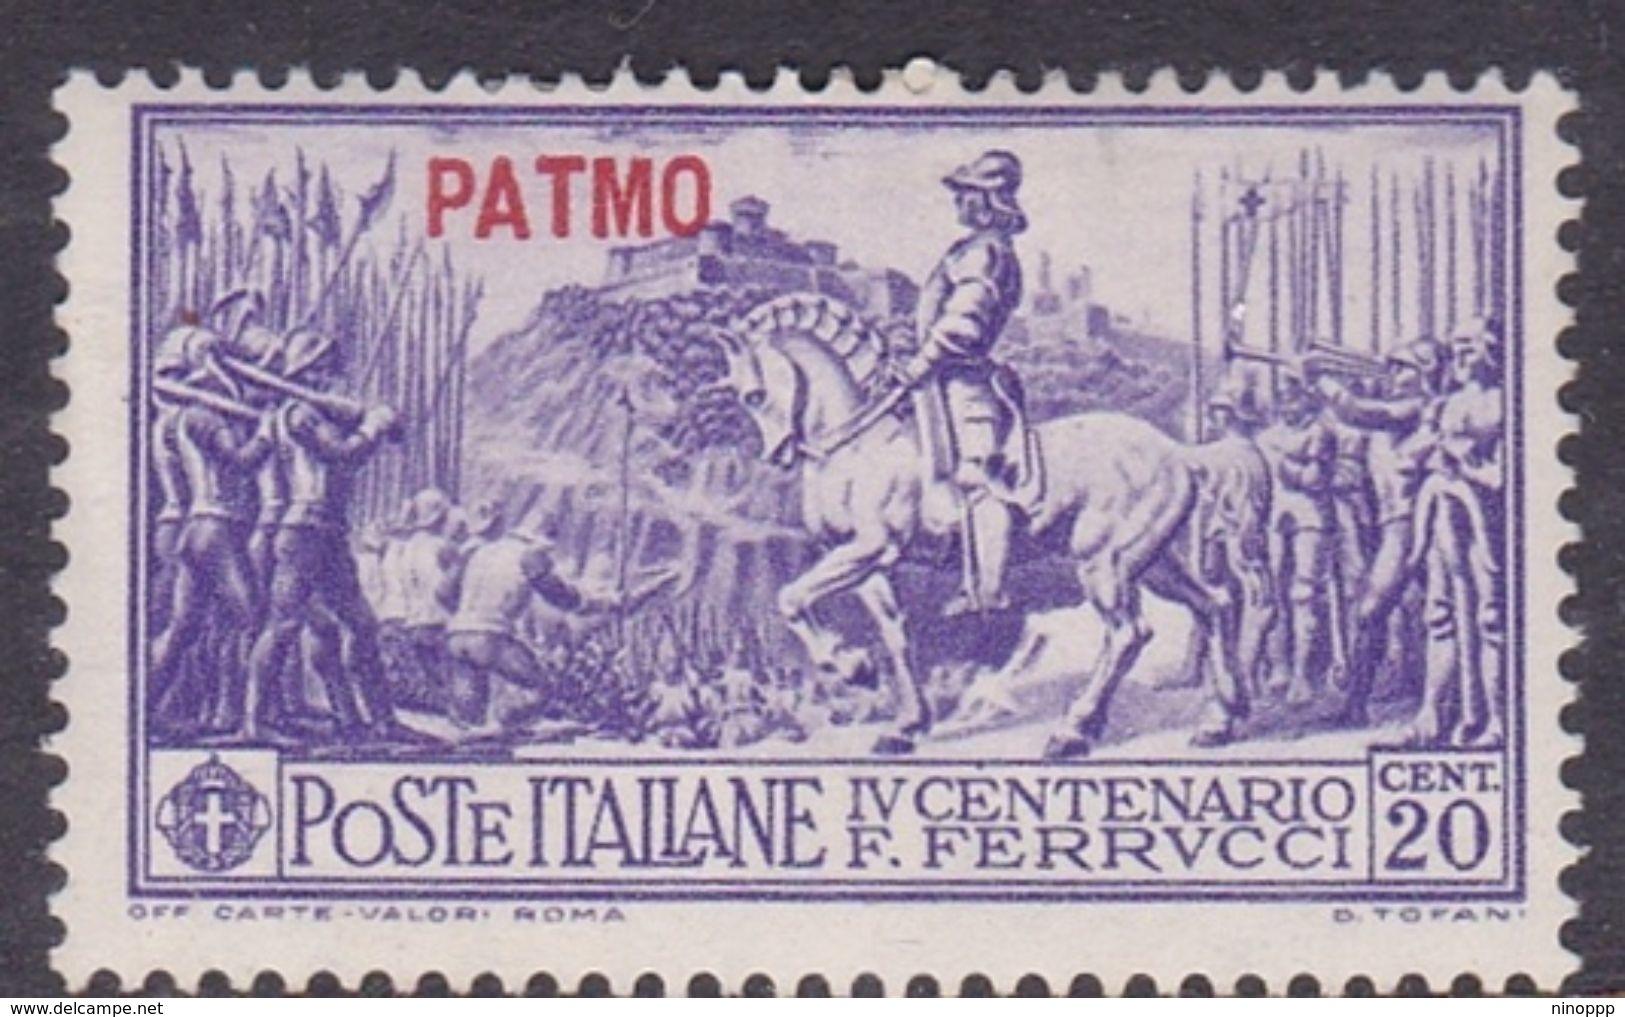 Italy-Colonies And Territories-Aegean-Patmo S 12 1930 Ferrucci 20c Violet MH - Aegean (Patmo)